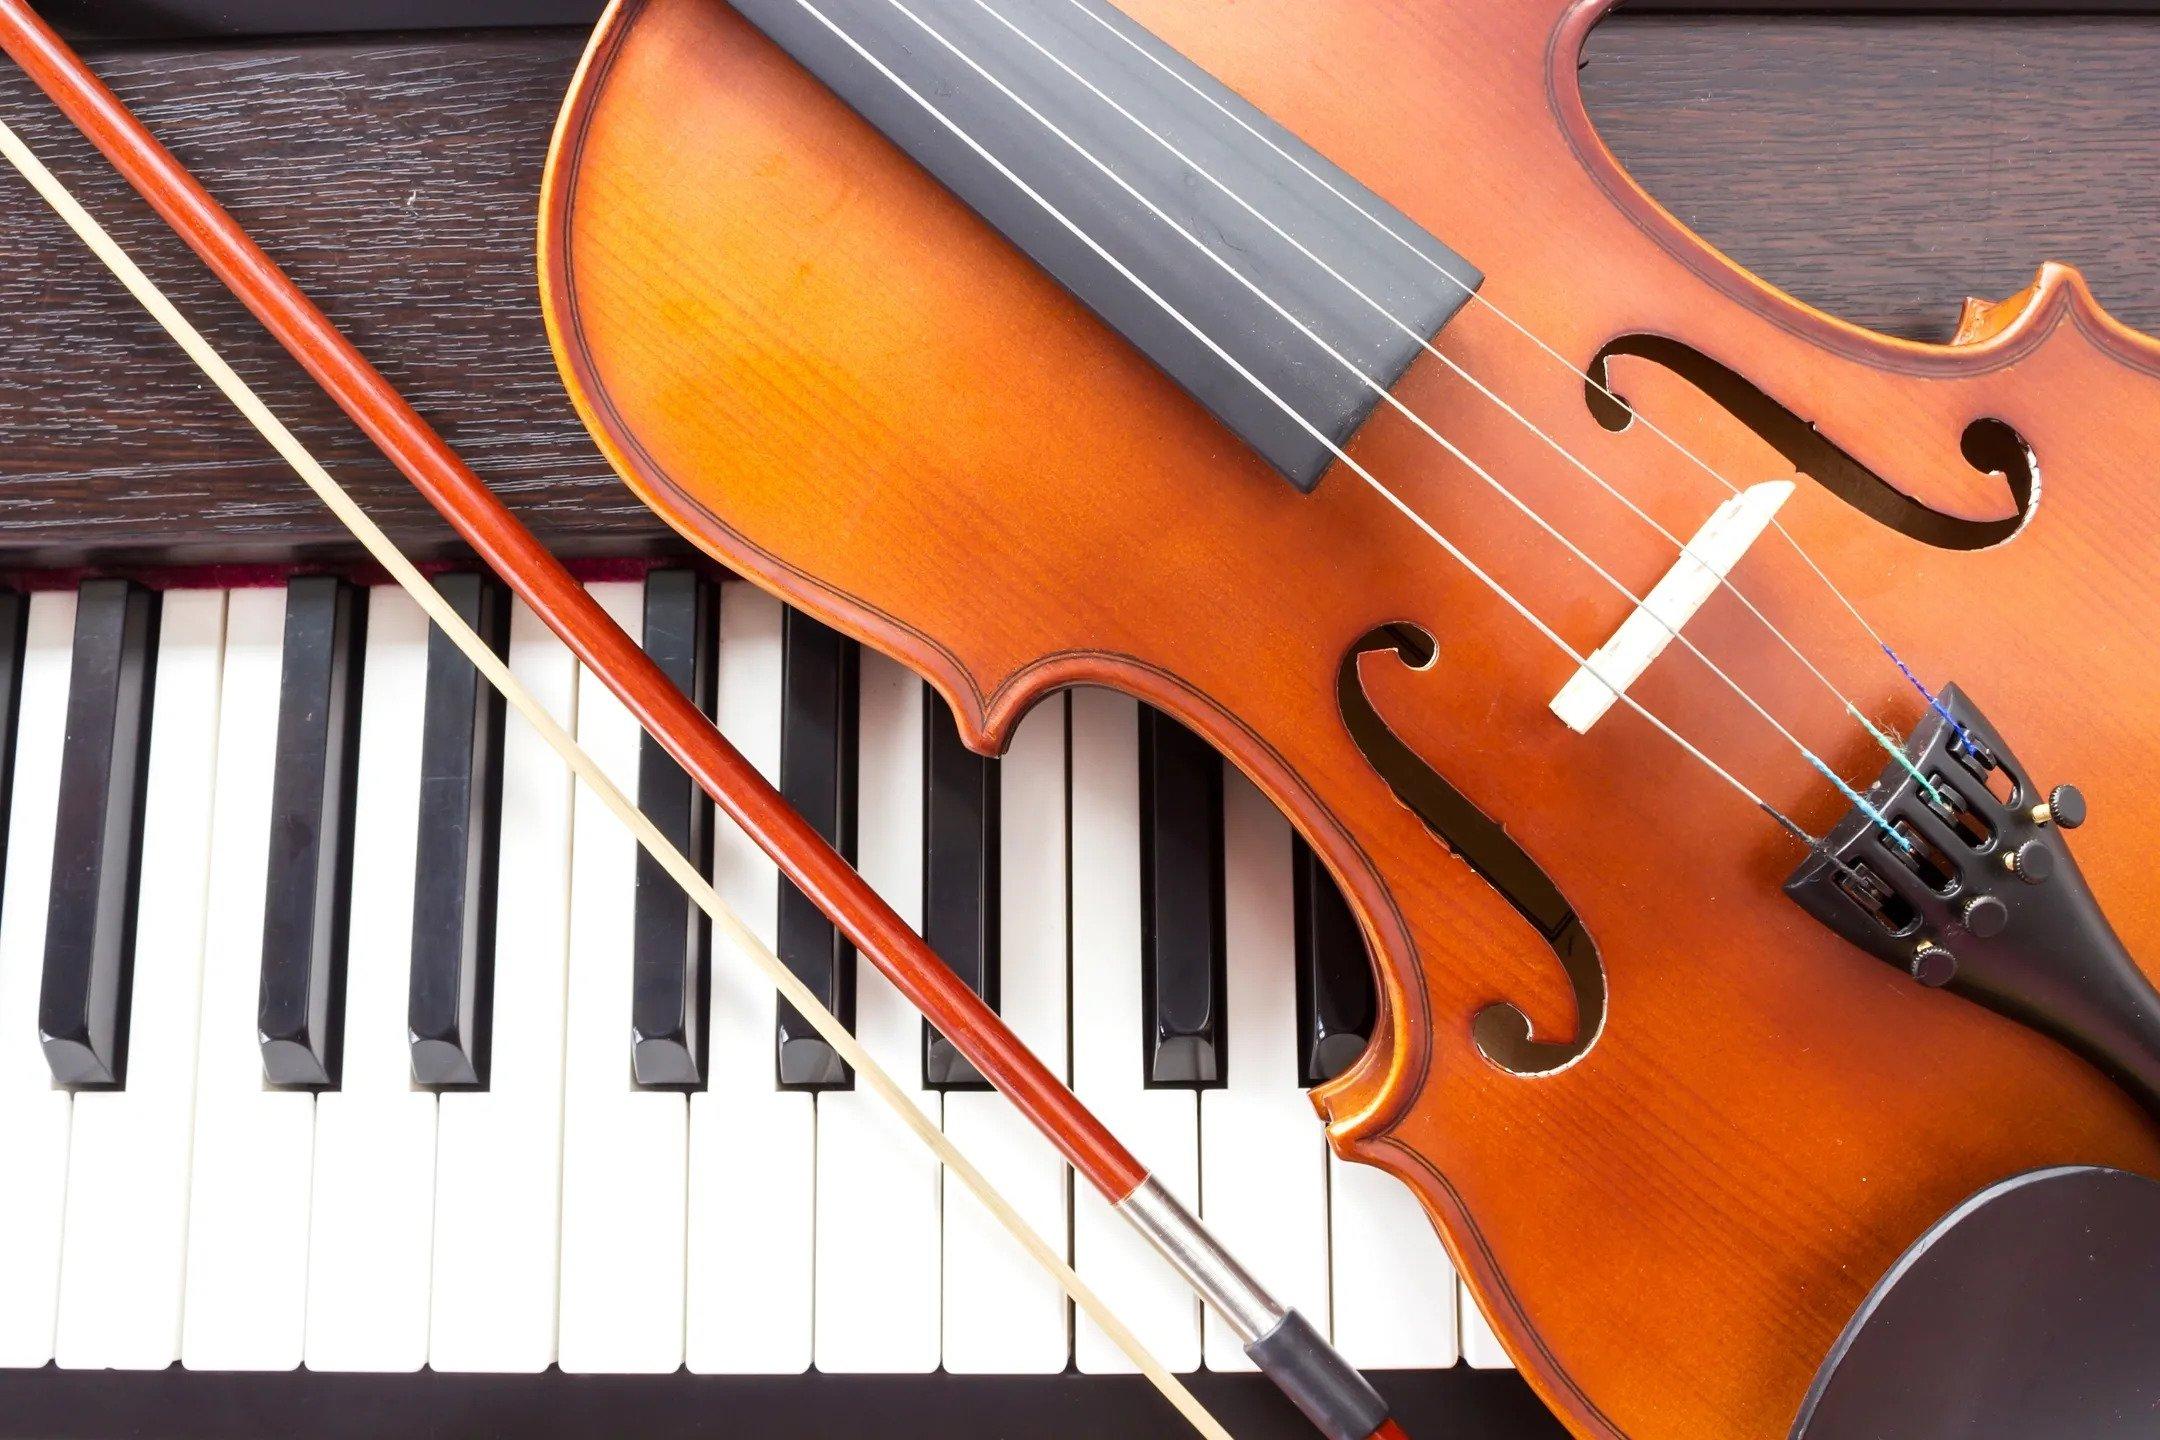 Phillip Injeian: Master Violin Maker